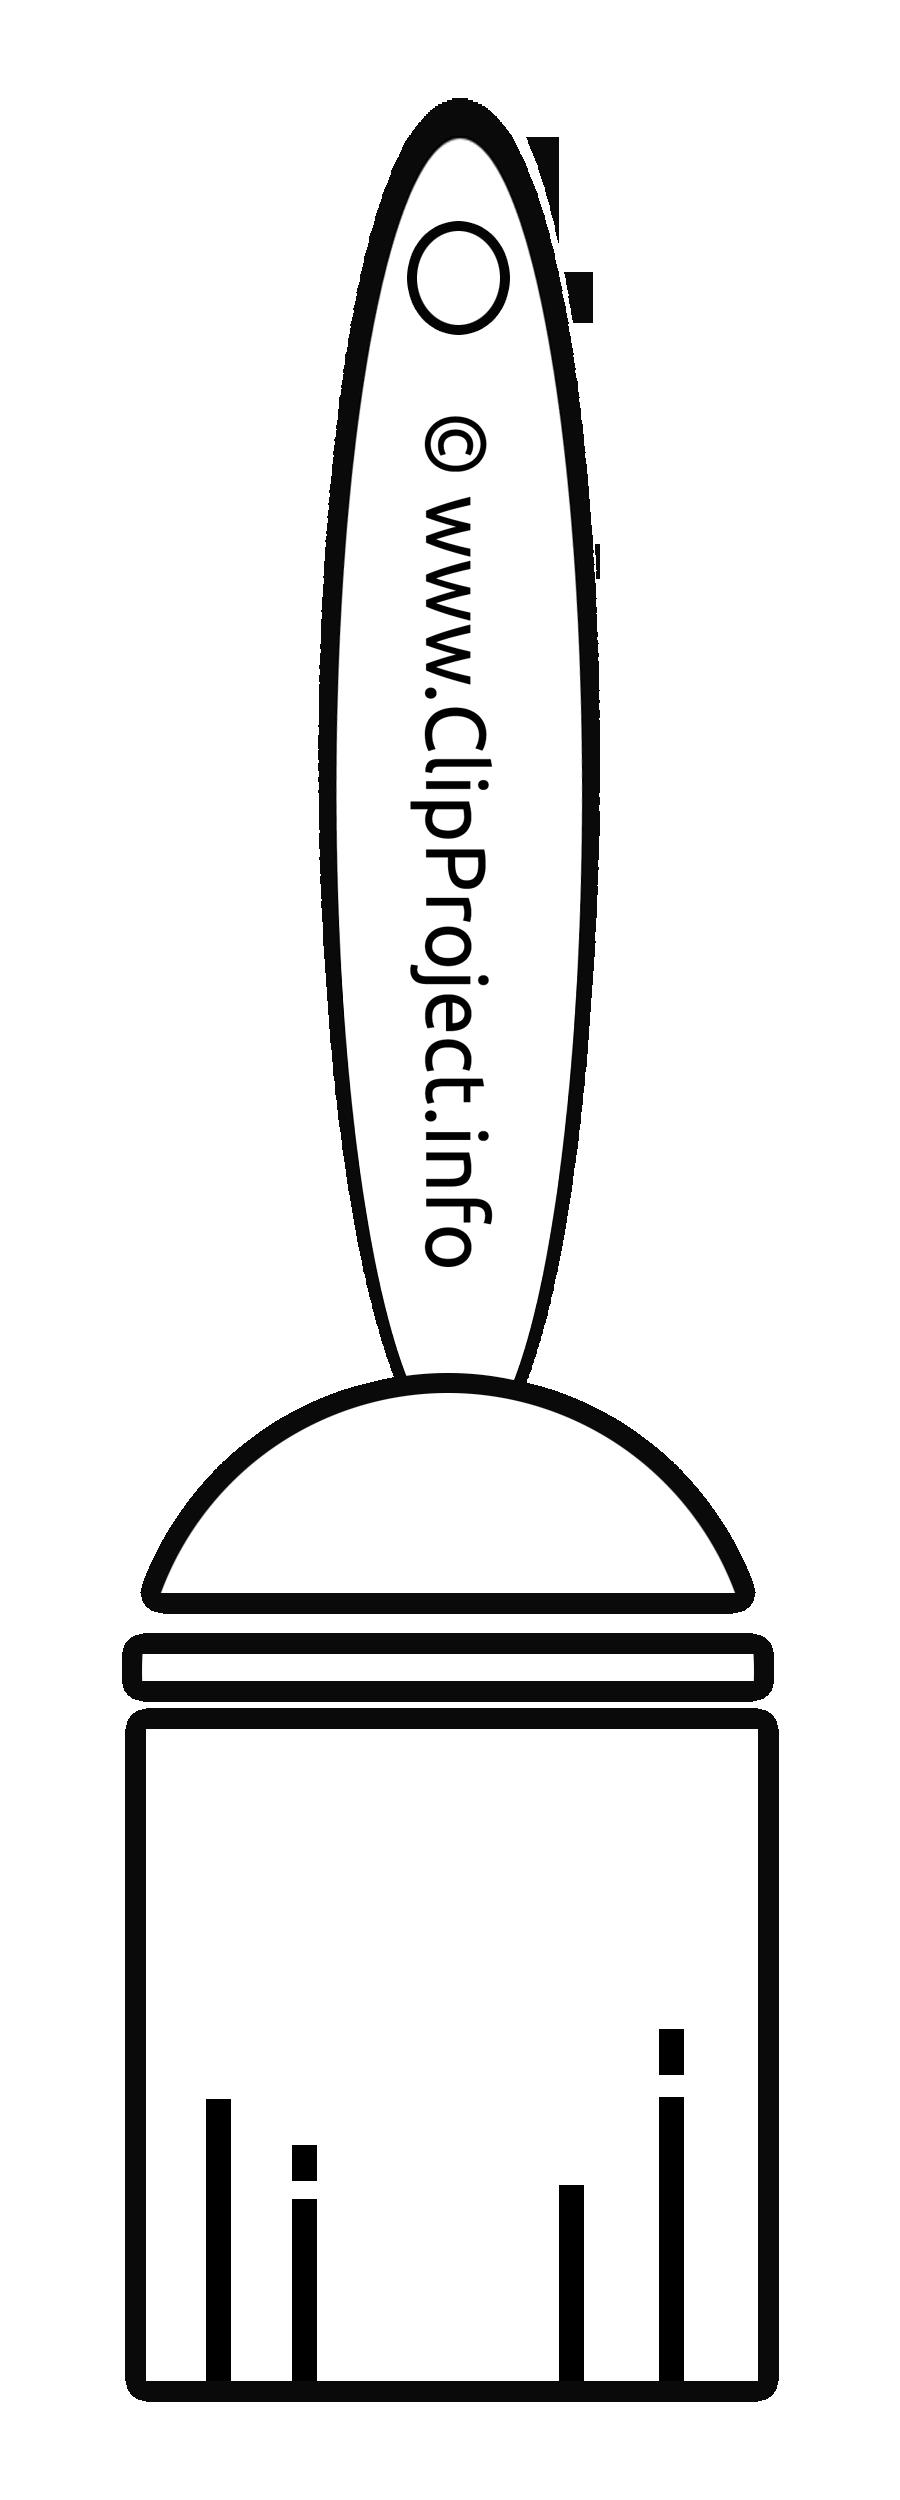 Pinceau blanc image gratuite – Entreprise illustration